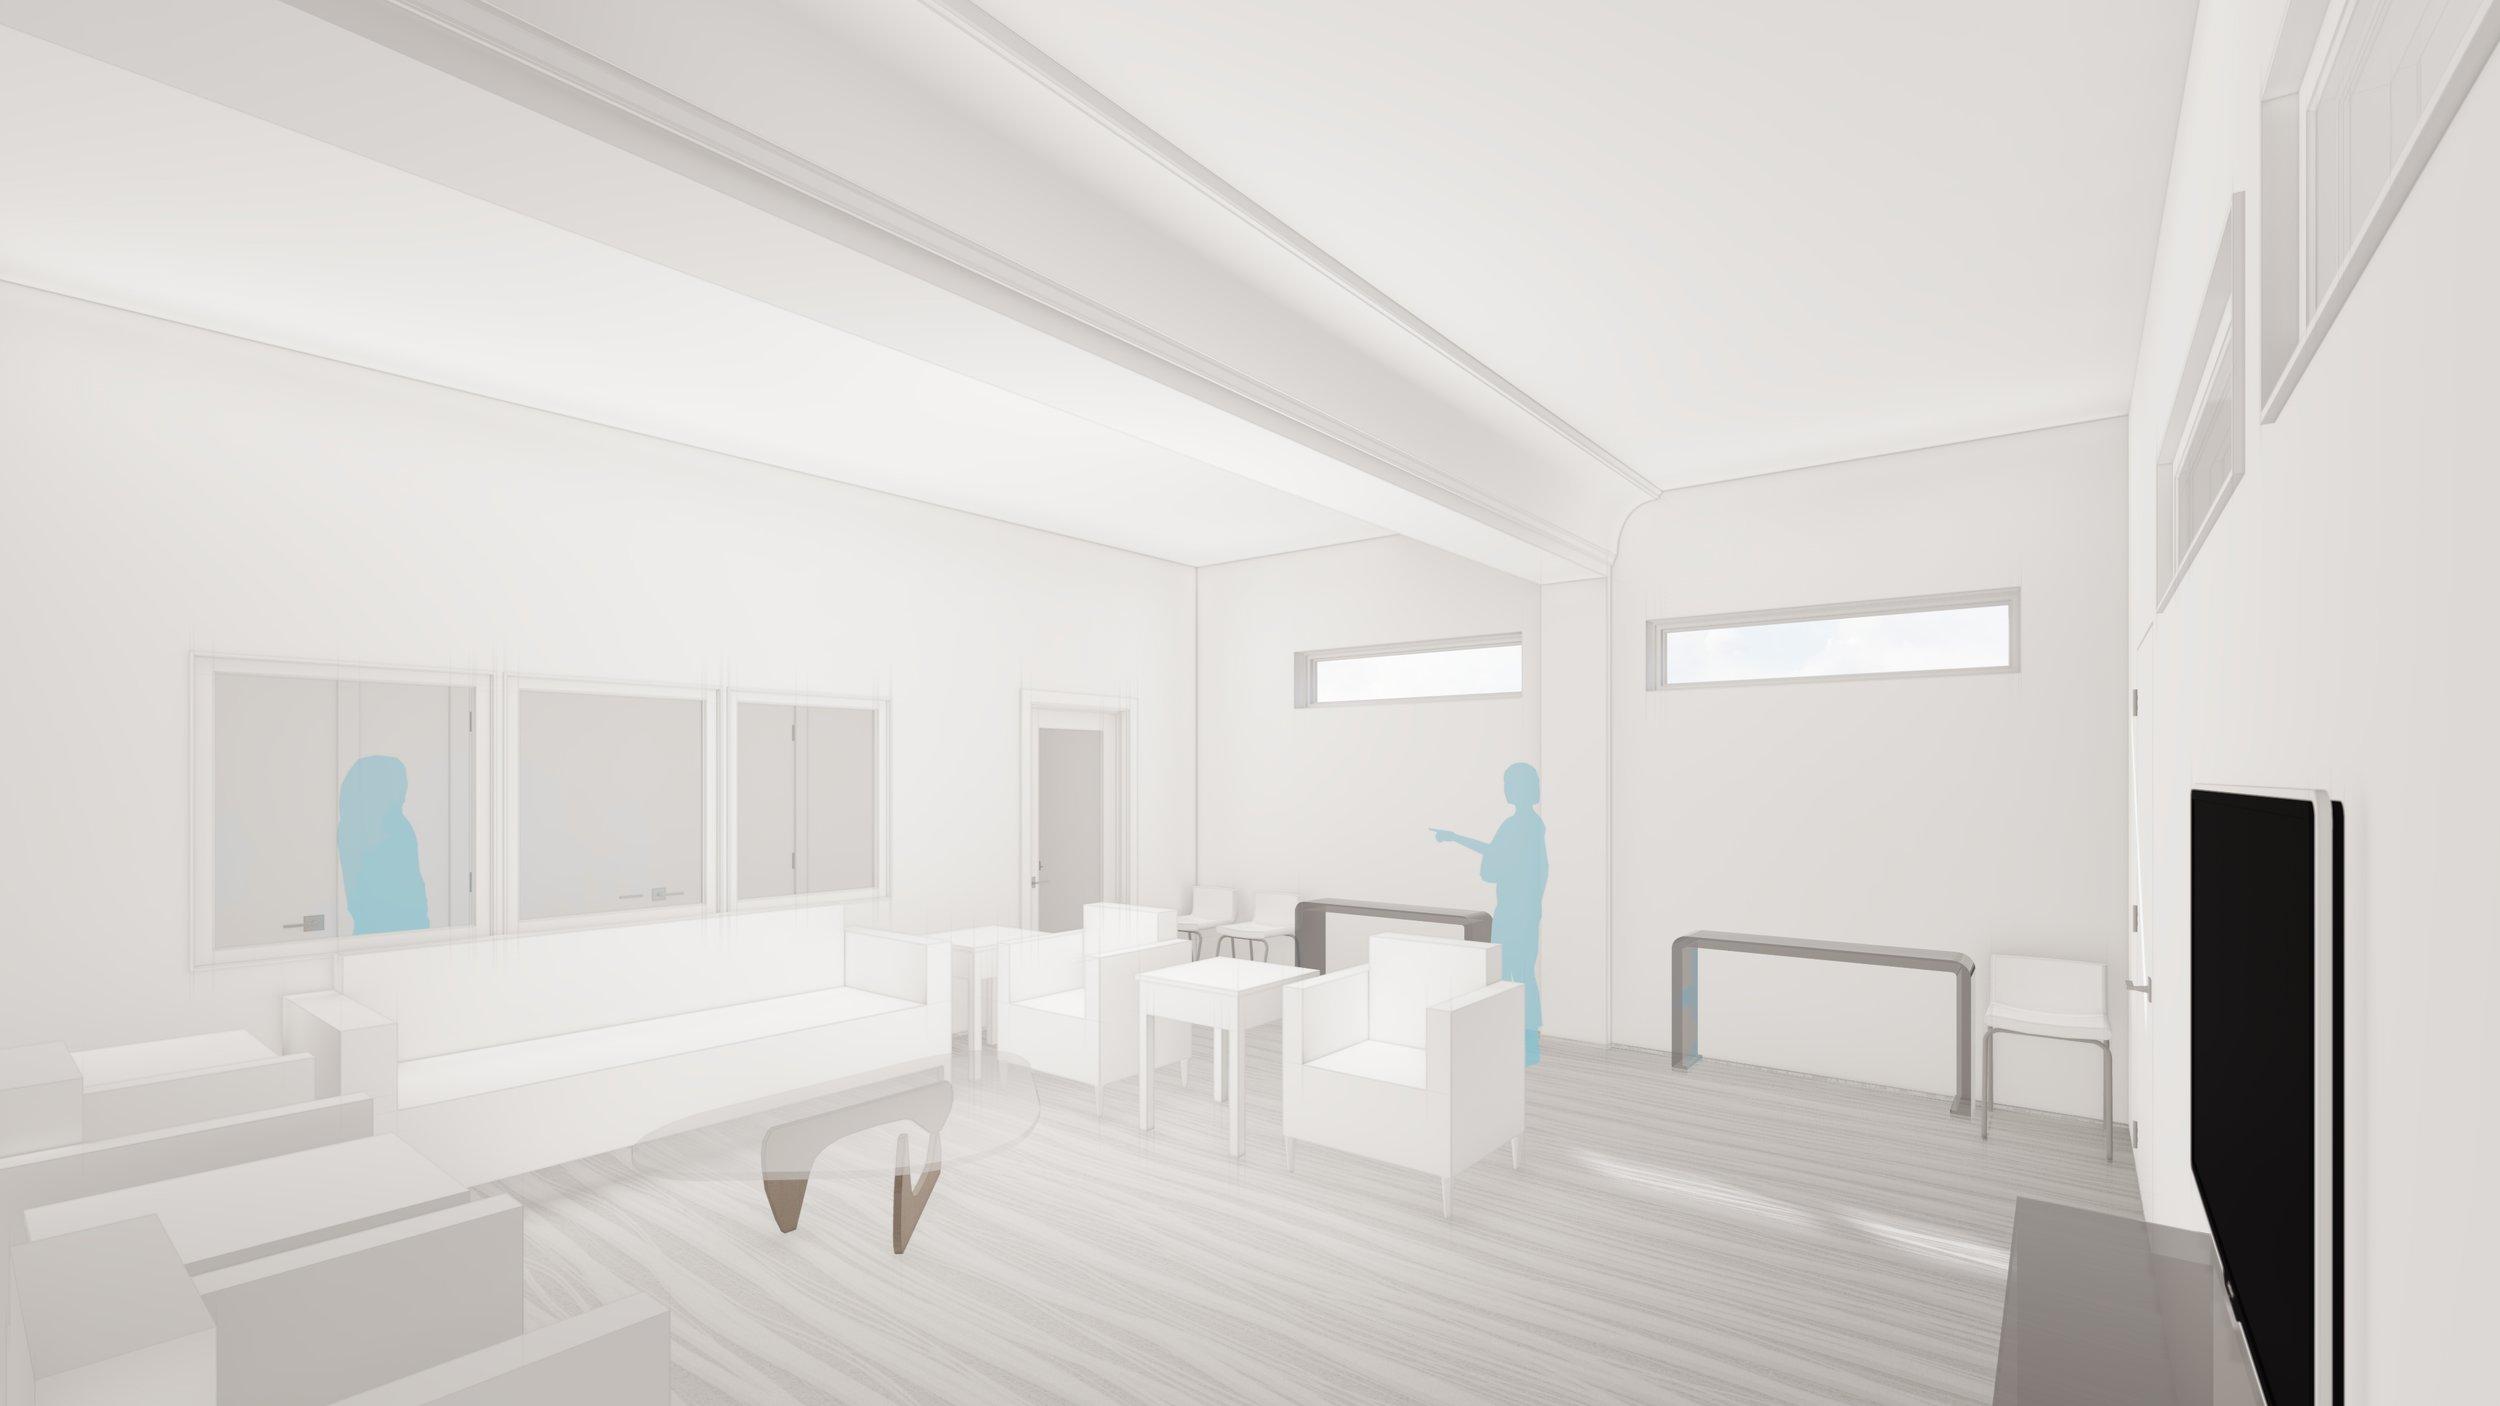 Members lounge view 3.jpg